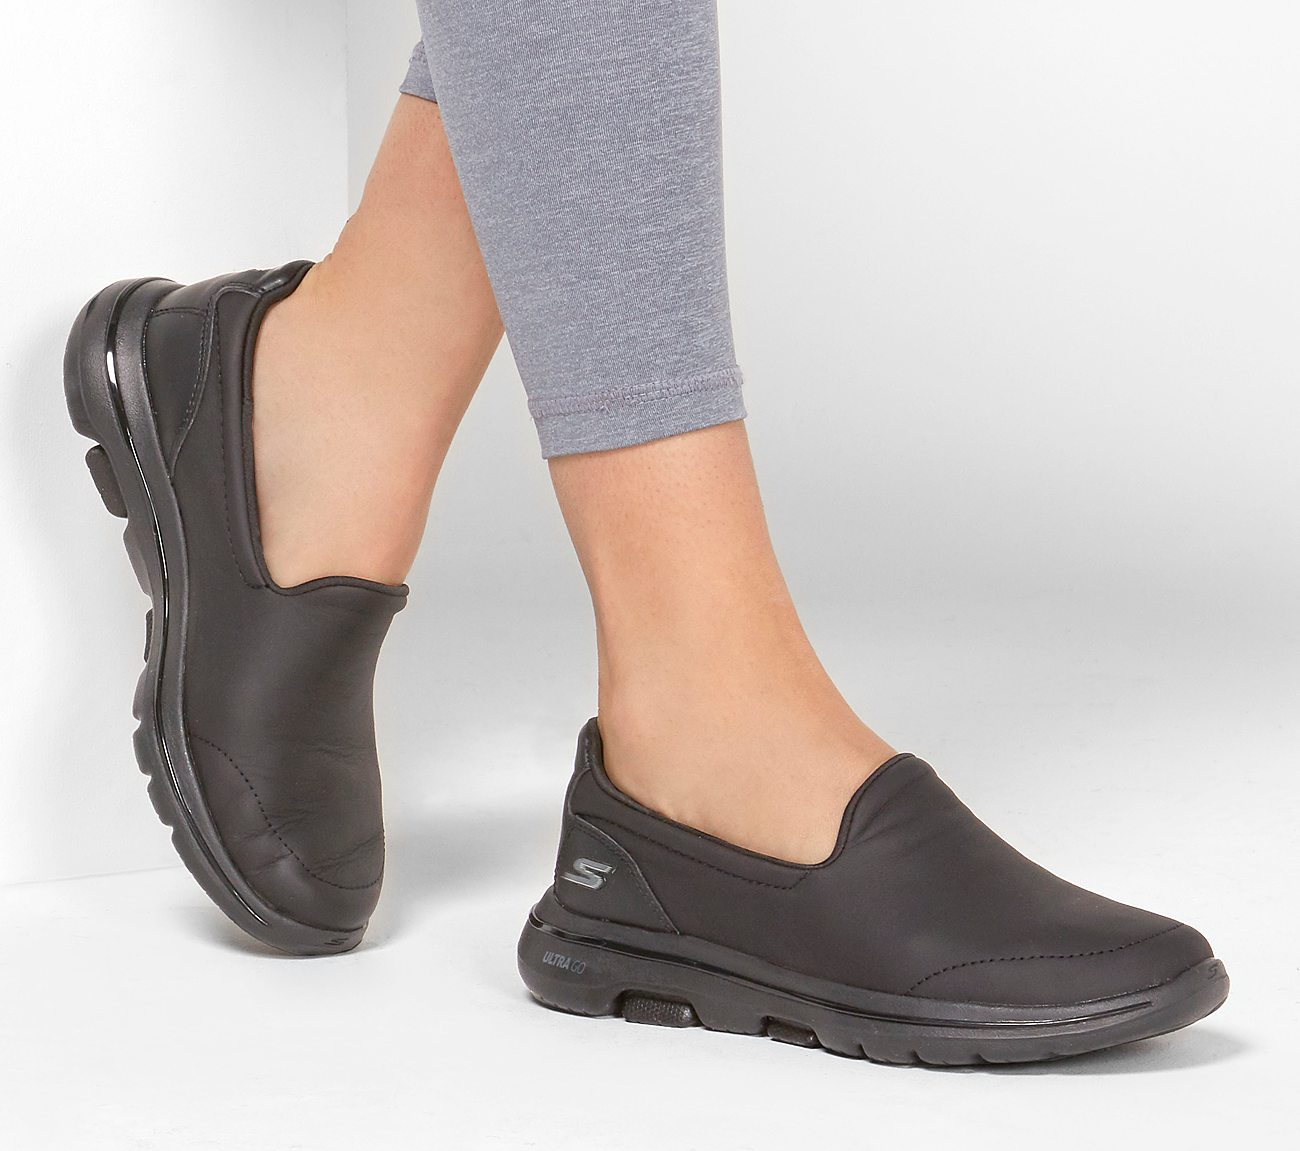 Comodidad y estilo con los últimos modelos de zapatillas Skechers 2